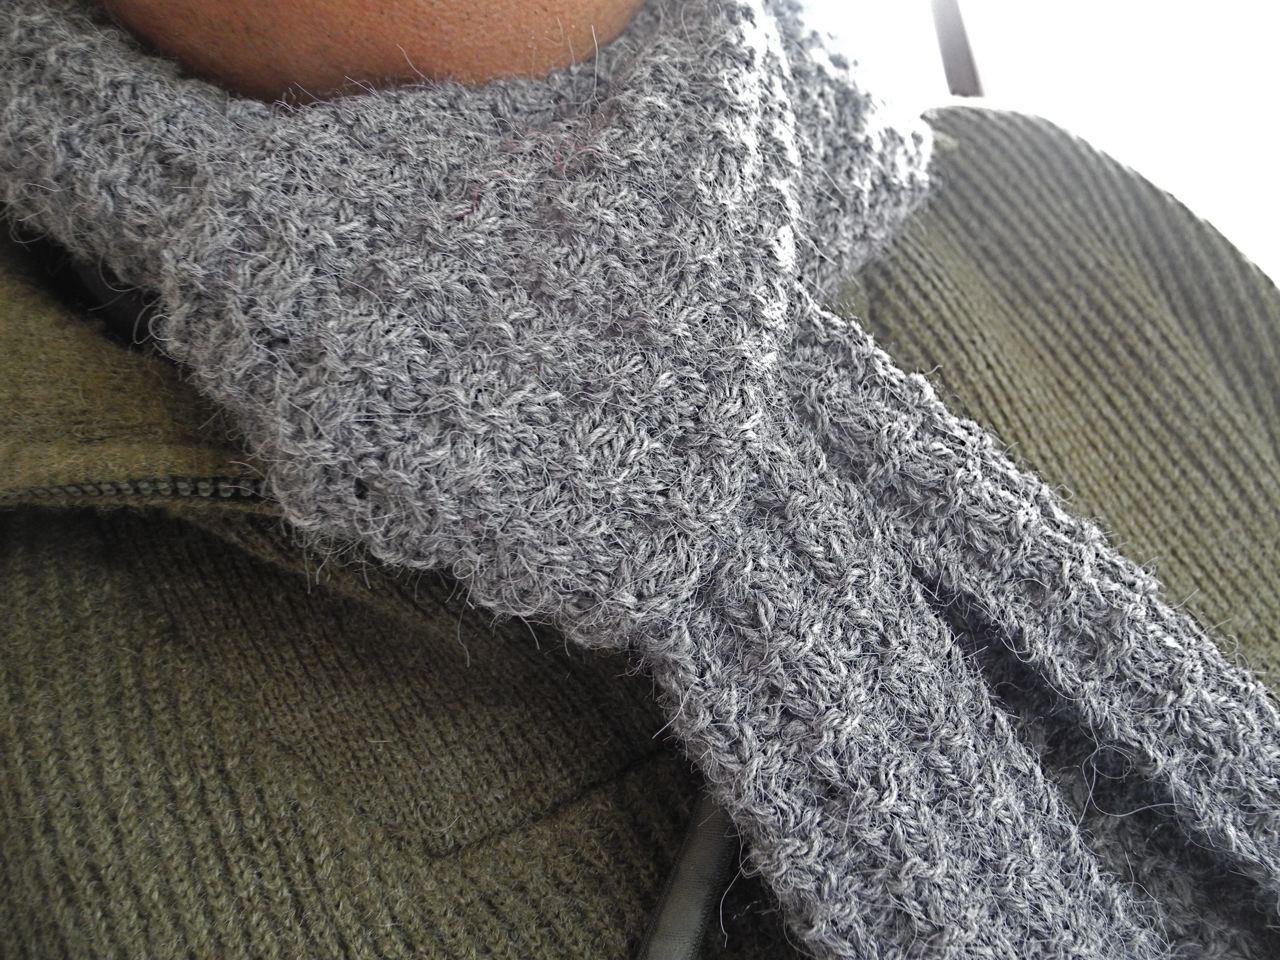 Tricot point r versible i love tricot - Point de tricot ajoure pour echarpe ...